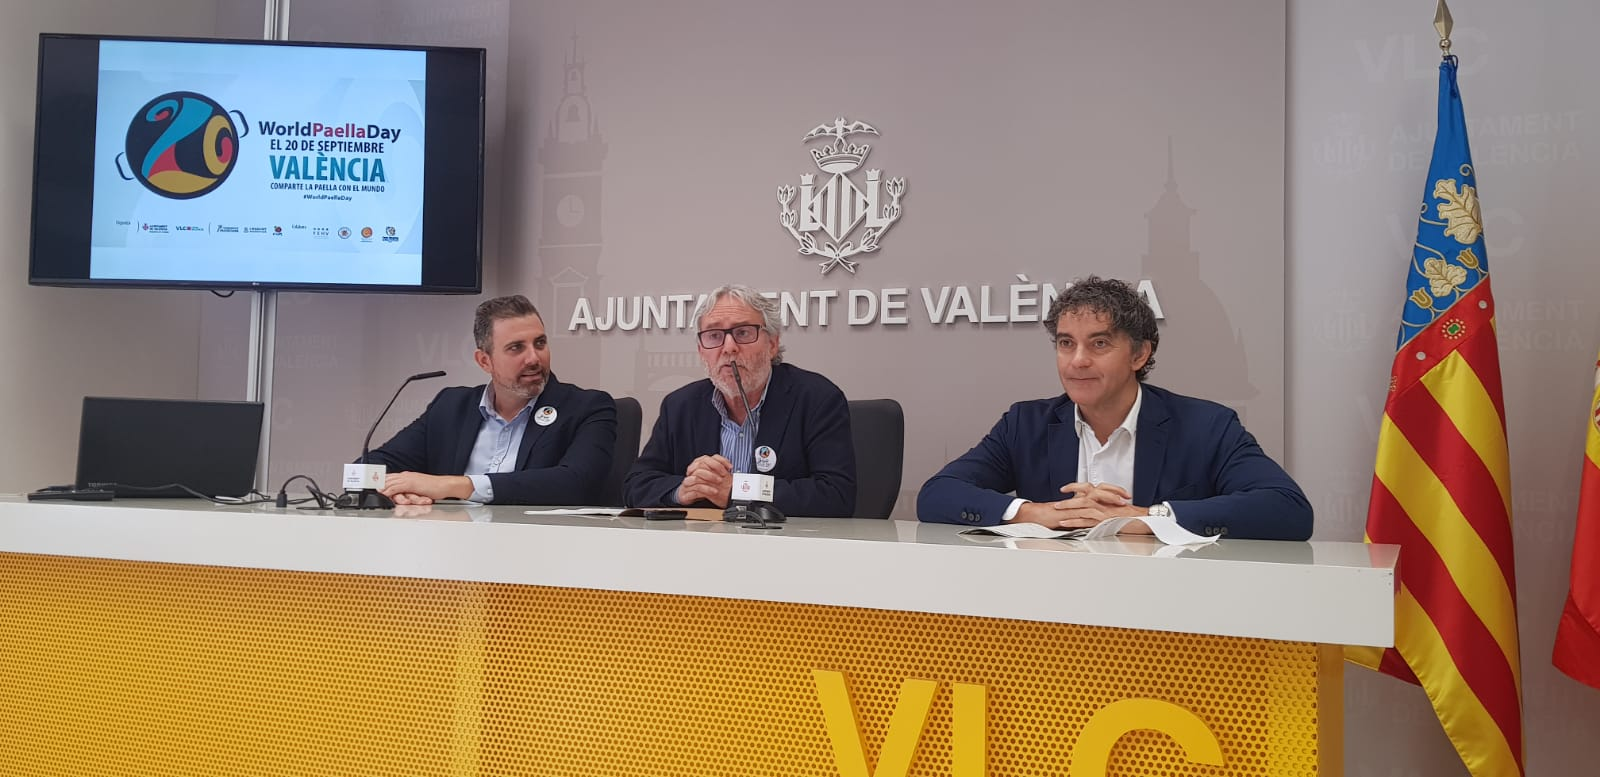 """Colomer: """"El """"World Paella Day"""" és un encert d""""estratègia de reposicionament i d""""internacionalització de València"""""""